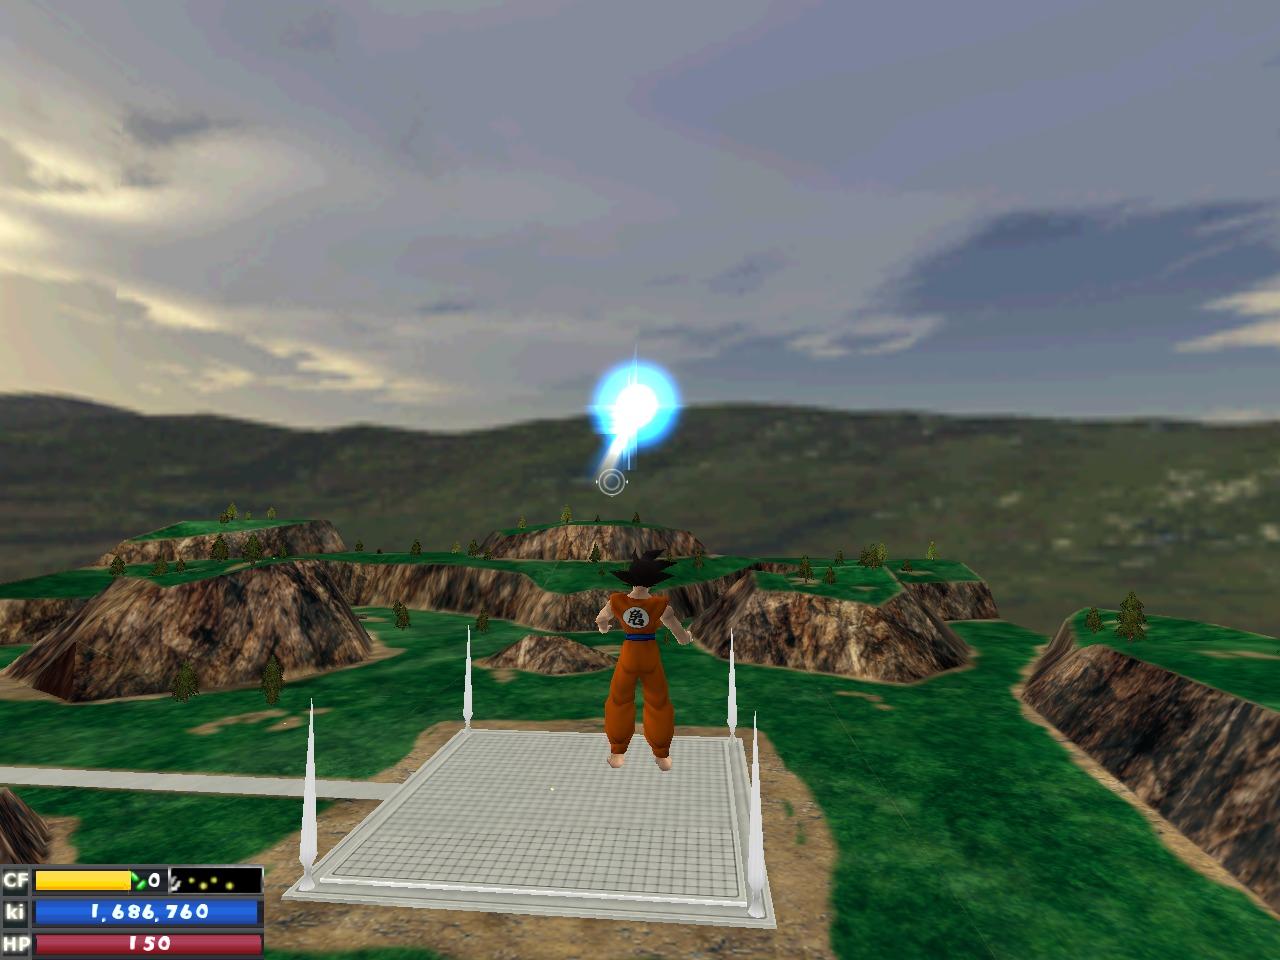 [Model con amxx] (Resubido) Goku sin pesas (vs radditz) by Matias_Esf - Página 2 Vgmog5